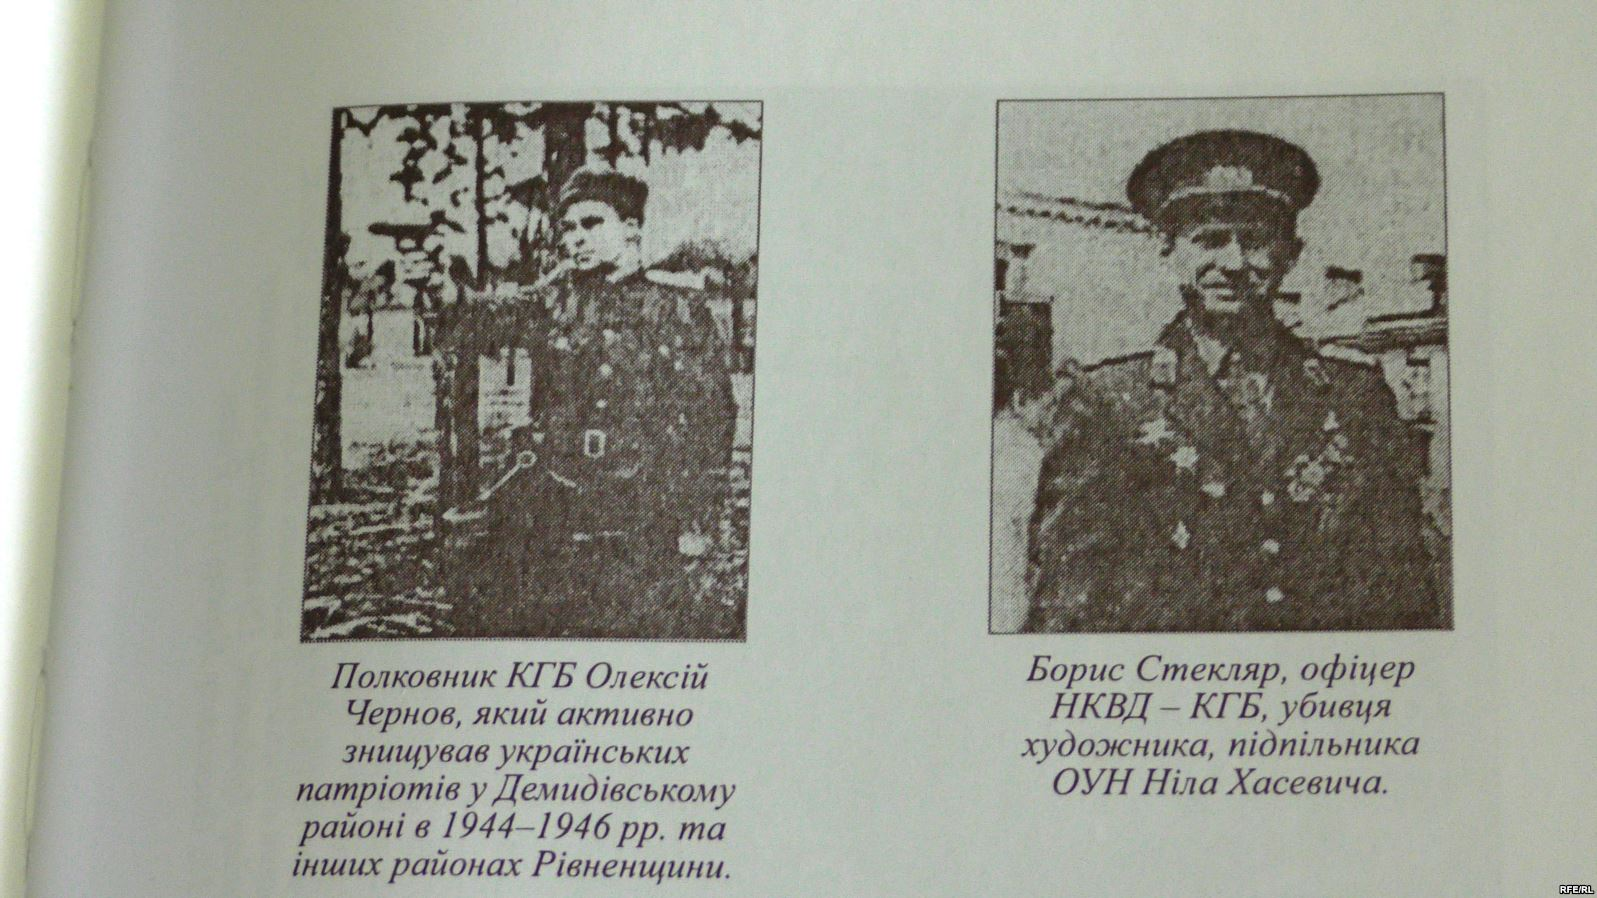 Ці офіцери НКВС-МГБ намагалися дискредитувати УПА